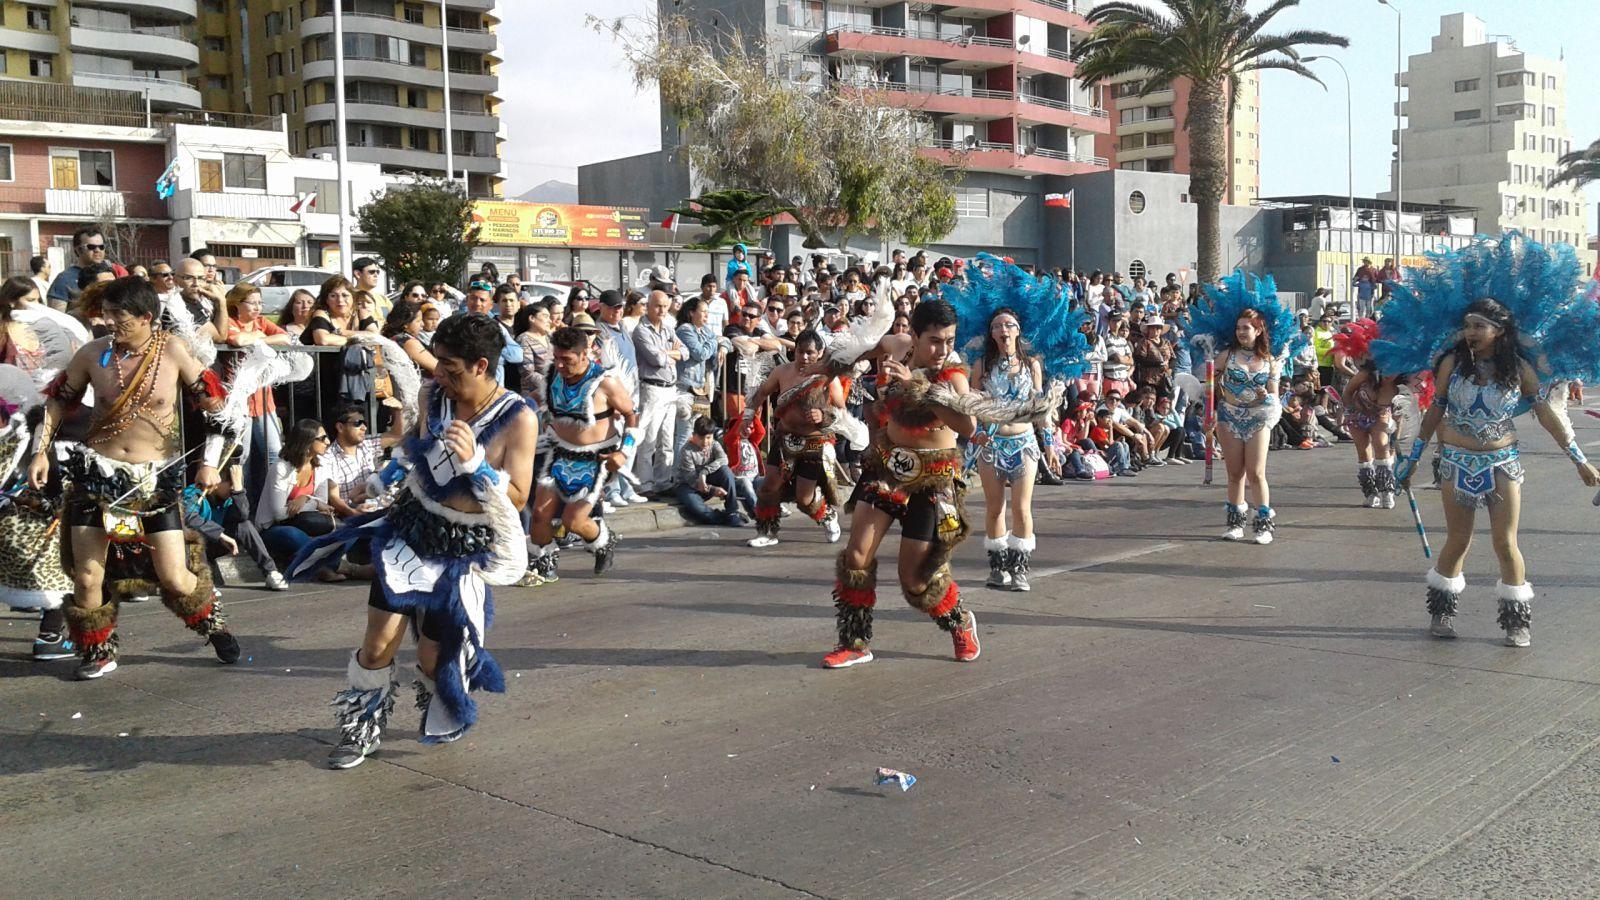 antofagasta-celebro-la-integracion-con-carnaval-y-feria-multicultural